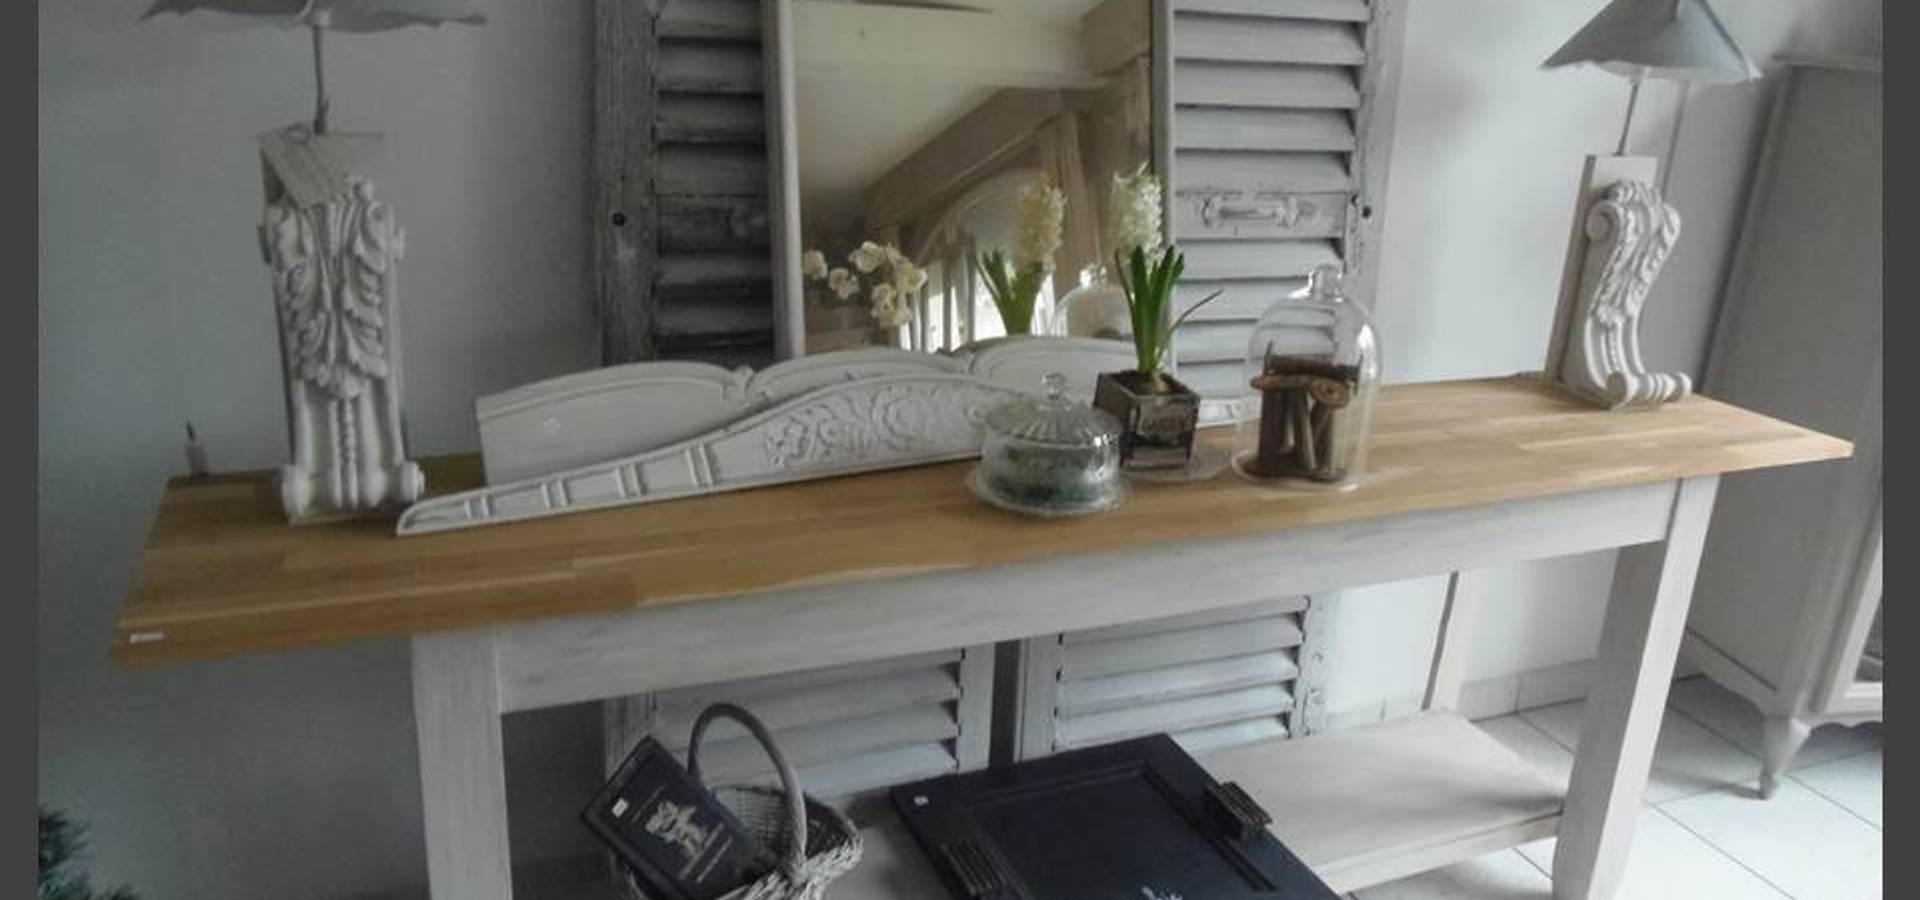 atelier des 4 saisons d corateurs d 39 int rieur houilles. Black Bedroom Furniture Sets. Home Design Ideas